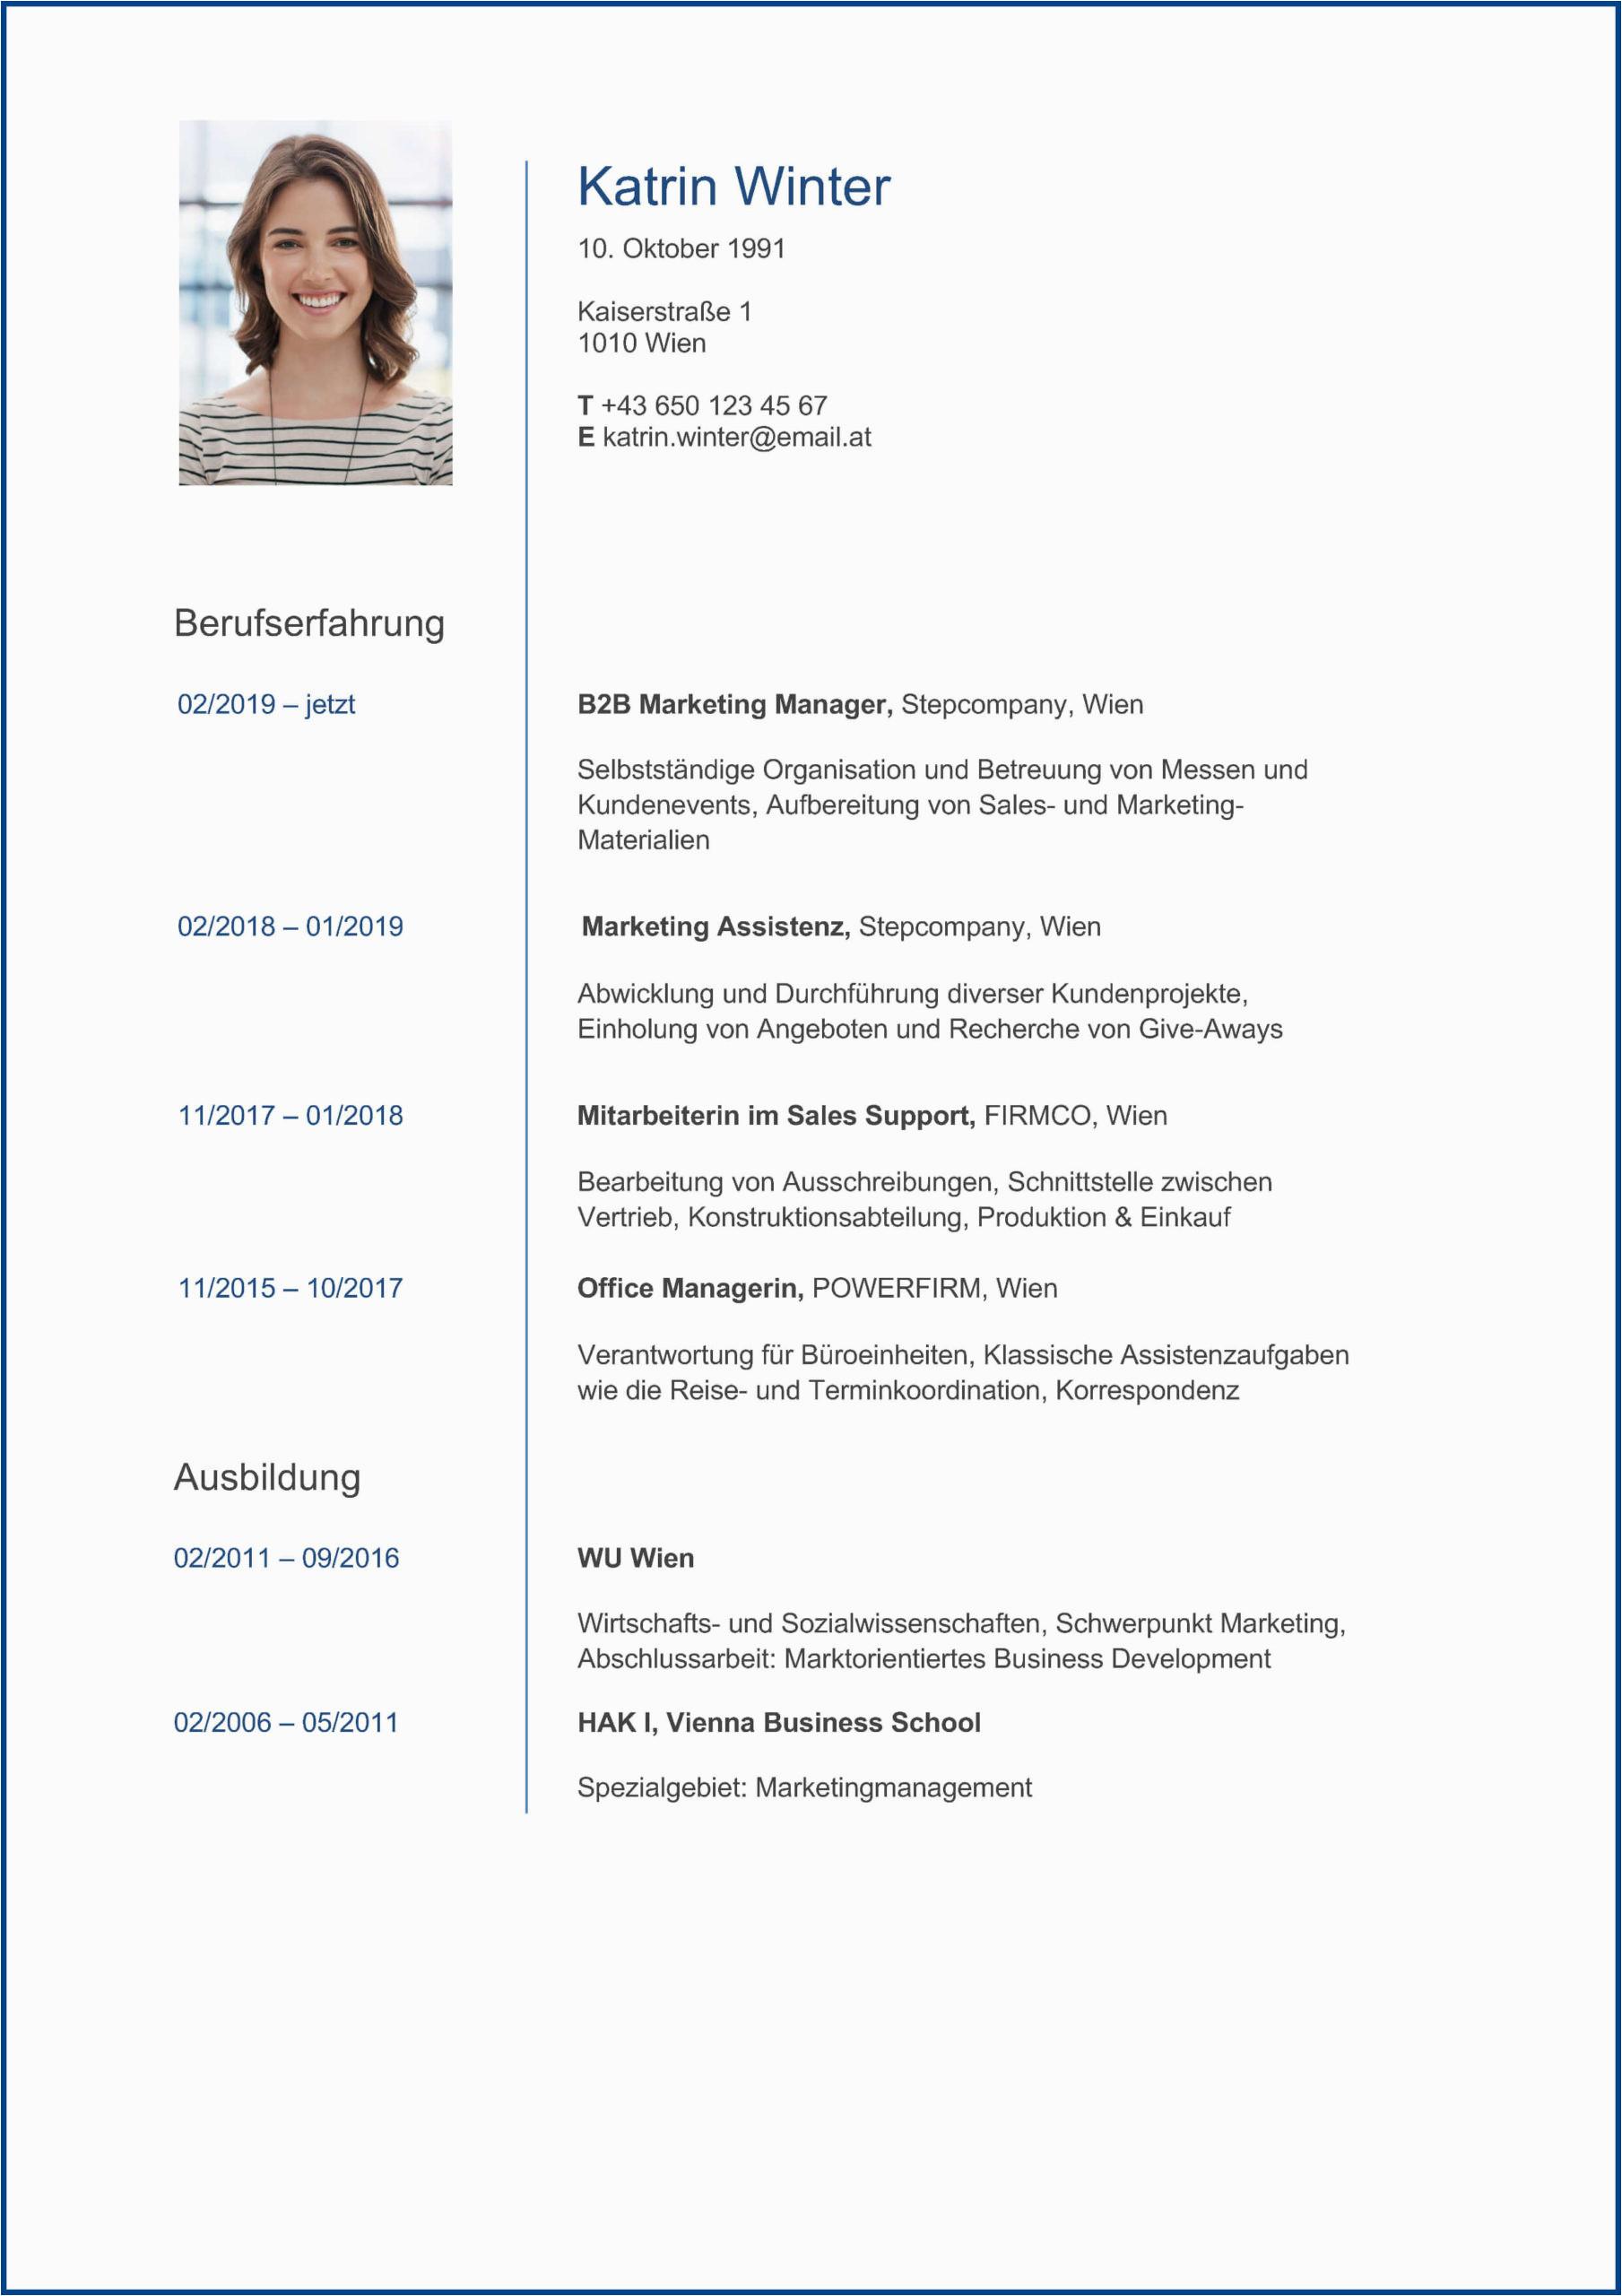 Struktur Lebenslauf Deutsch Der Perfekte Lebenslauf Aufbau Tipps Und Vorlagen